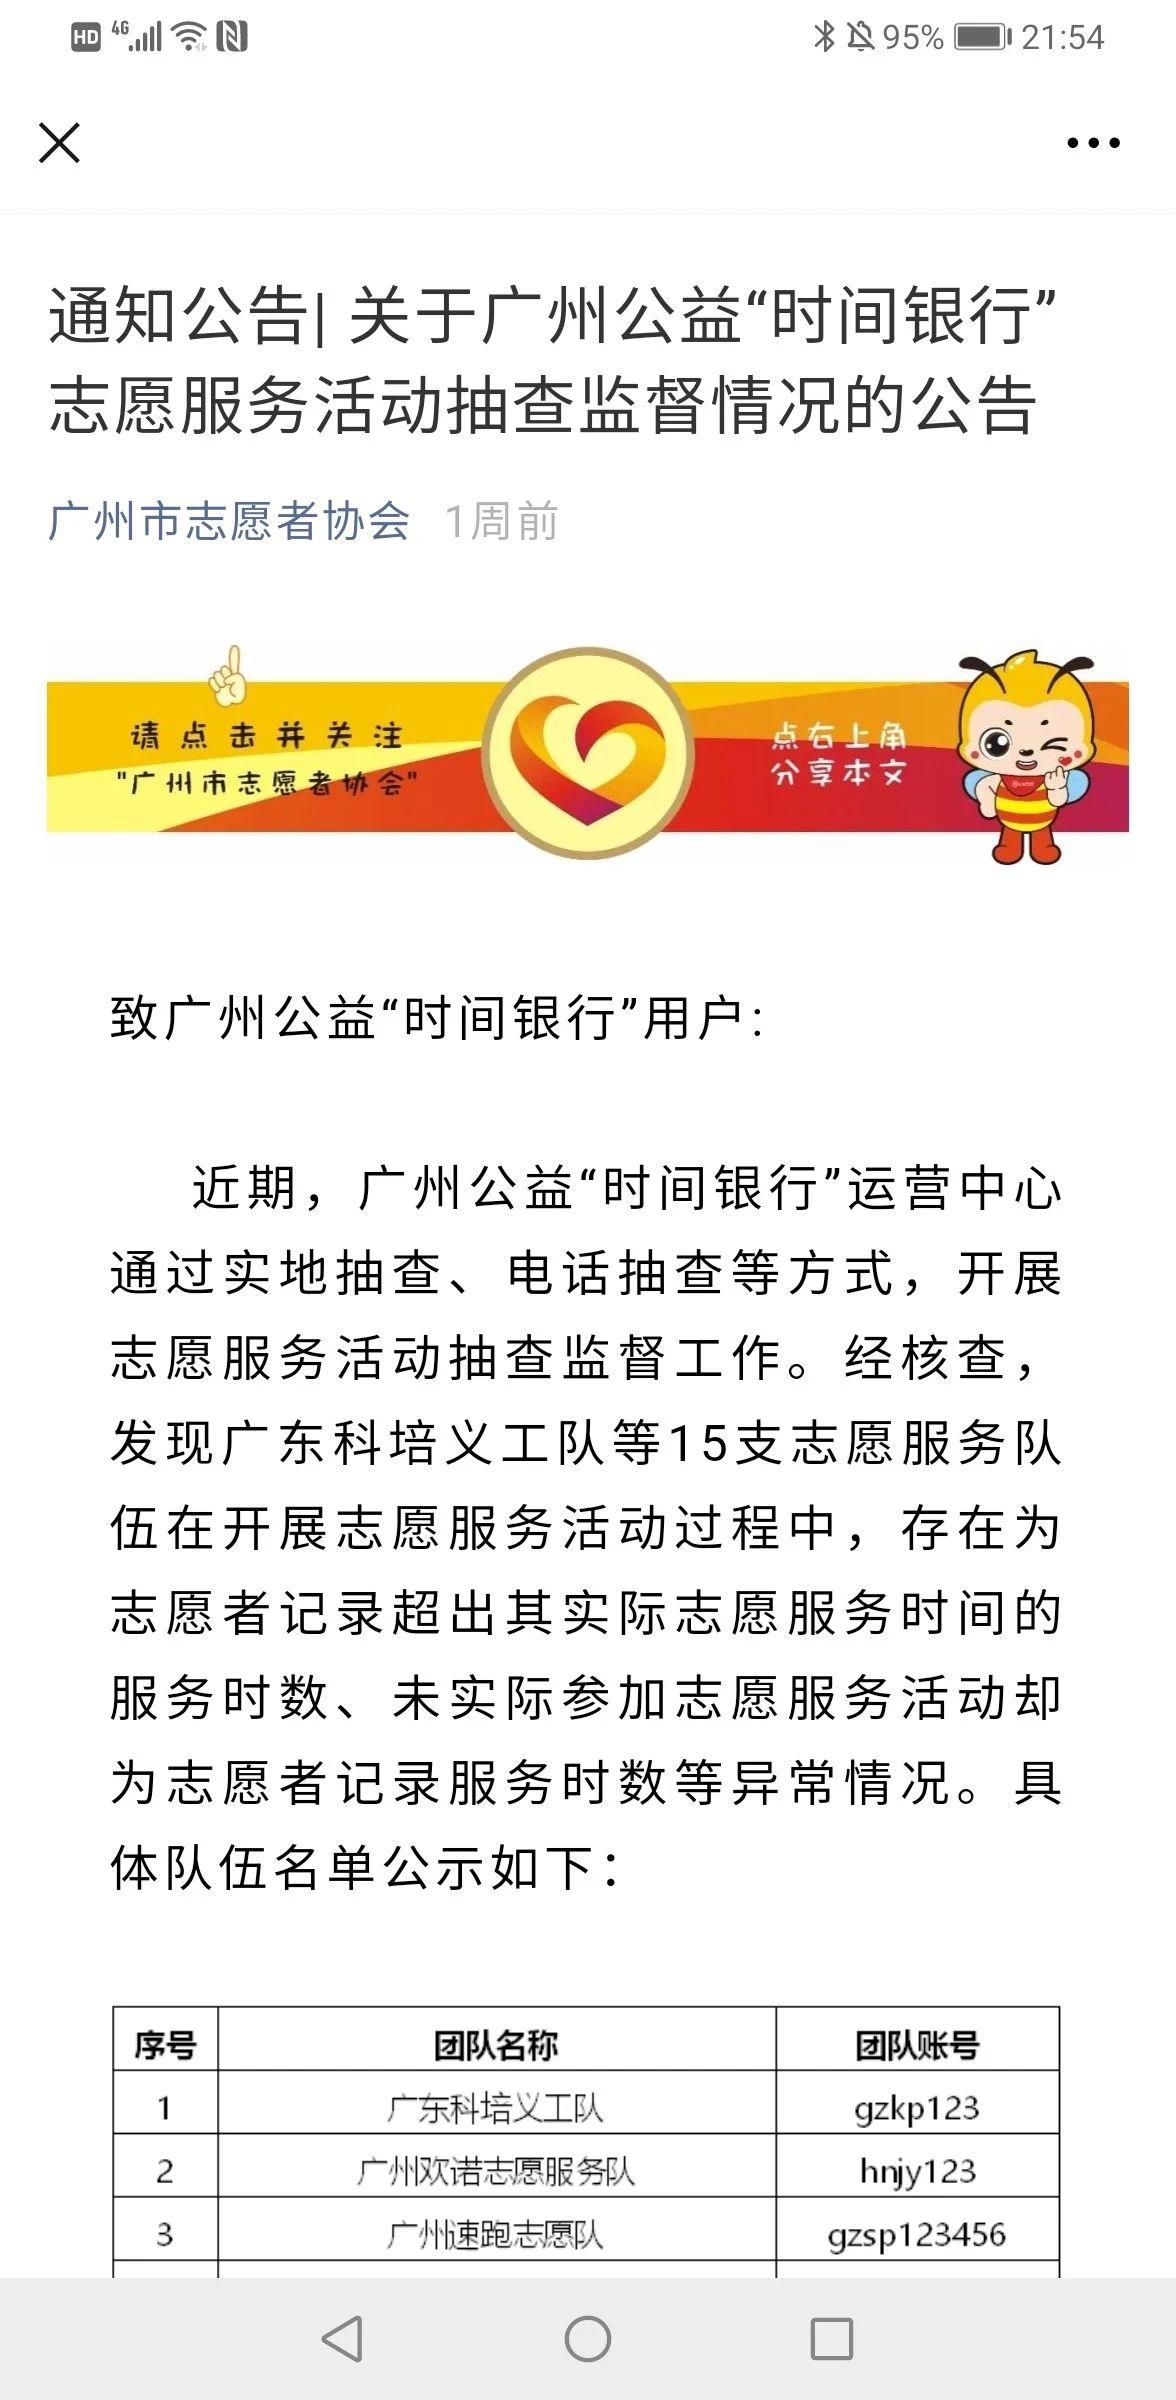 广州市志愿者协会